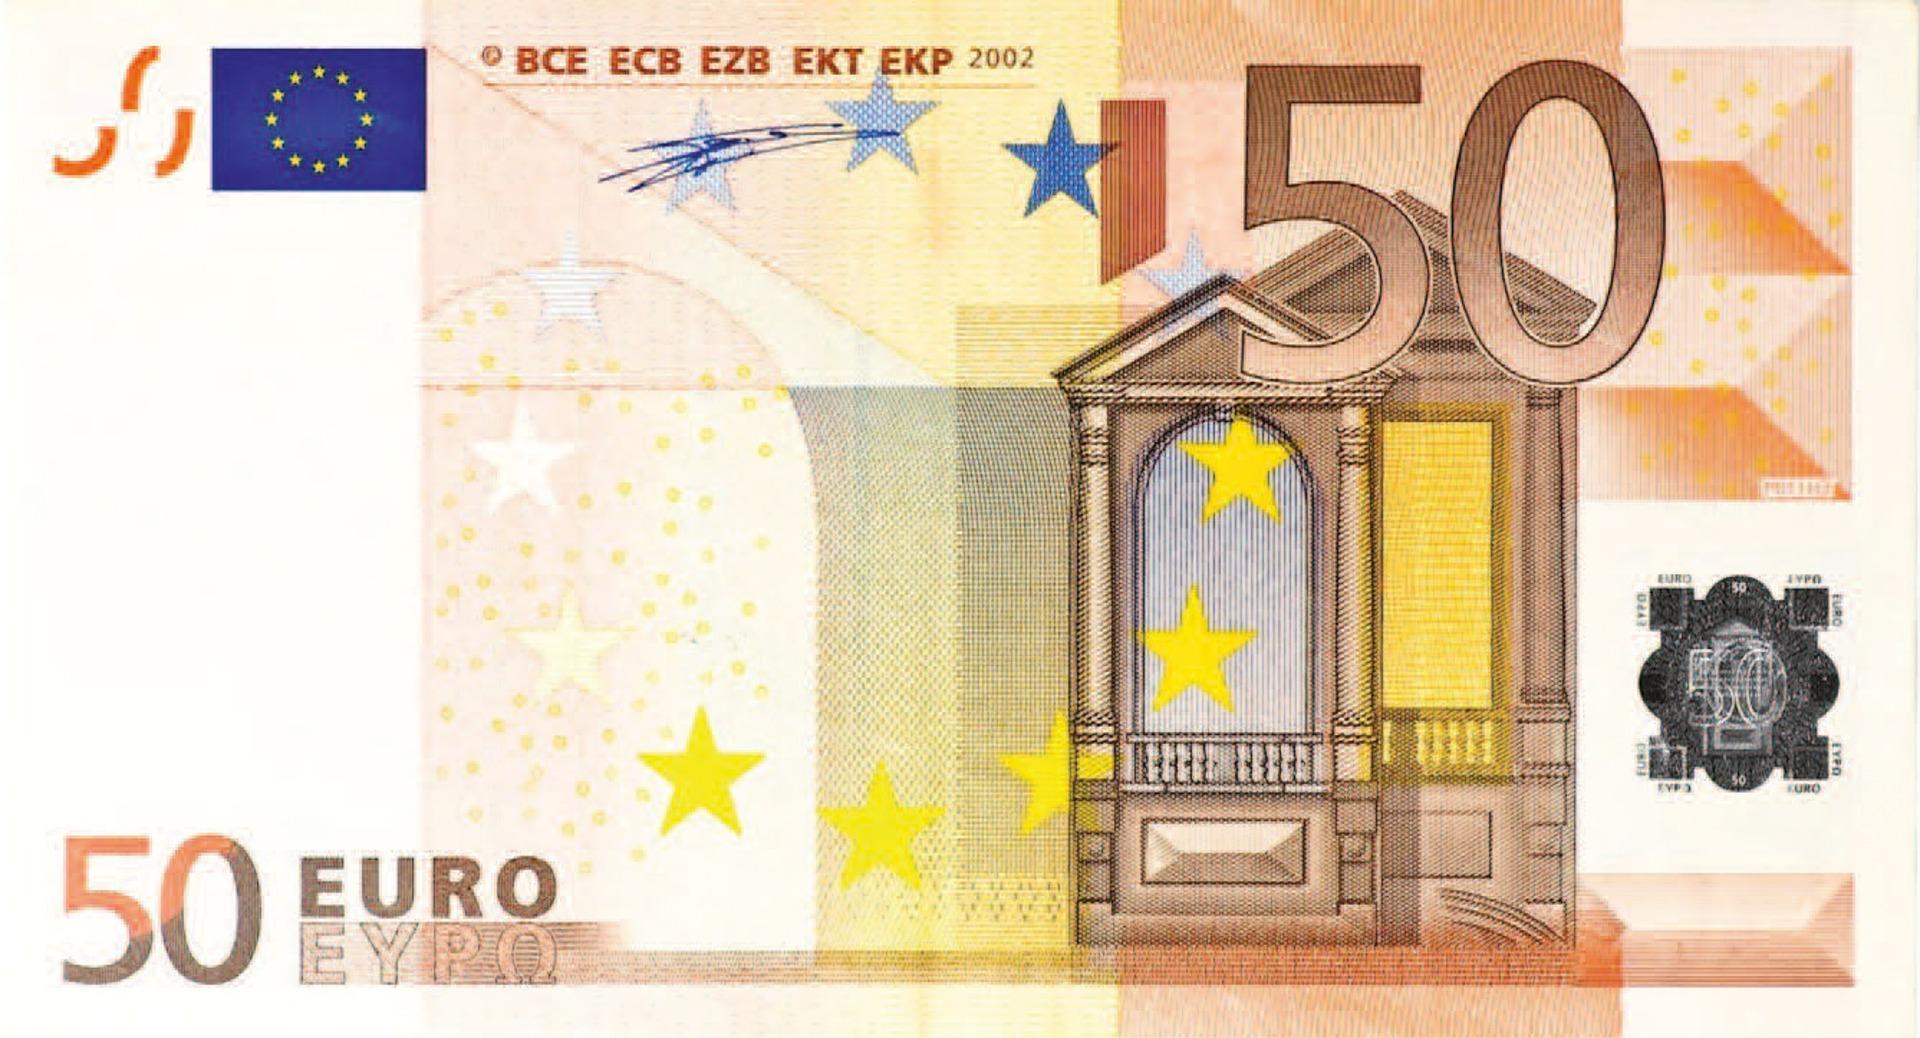 hoax der 50 euro schein unter dem scheibenwischer anti. Black Bedroom Furniture Sets. Home Design Ideas